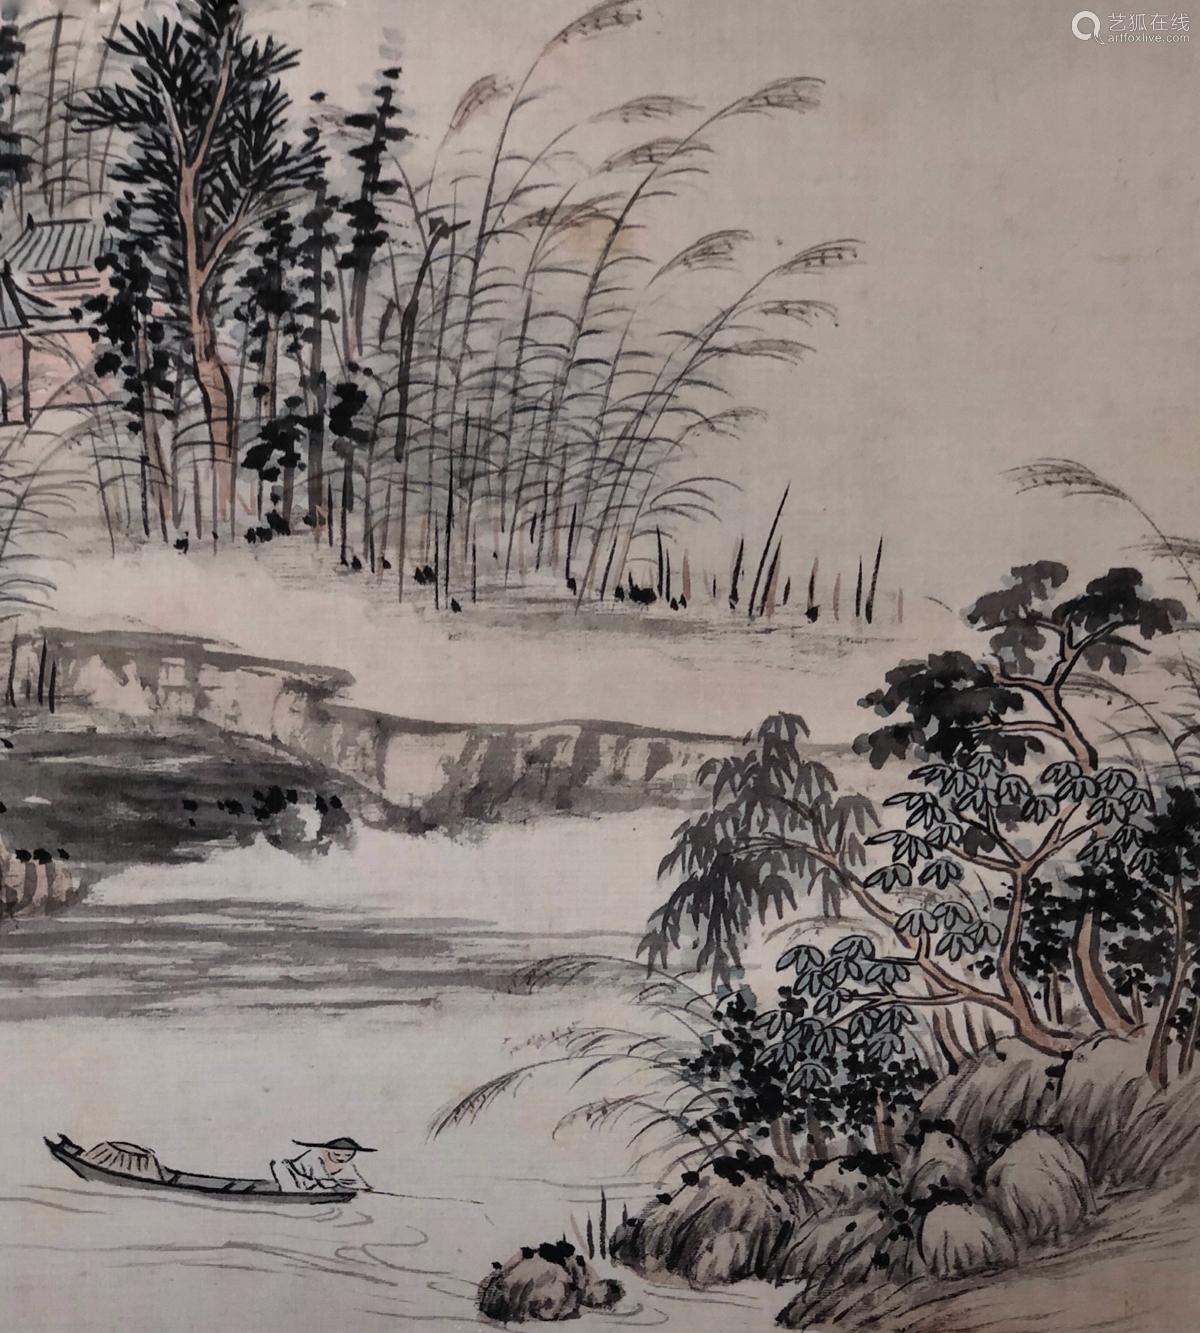 17-19TH CENTURY, XIN LUO SHAN REN YAN HUA <SHAN SHUI CE YE 8> PAINTING, QING DYNASTY